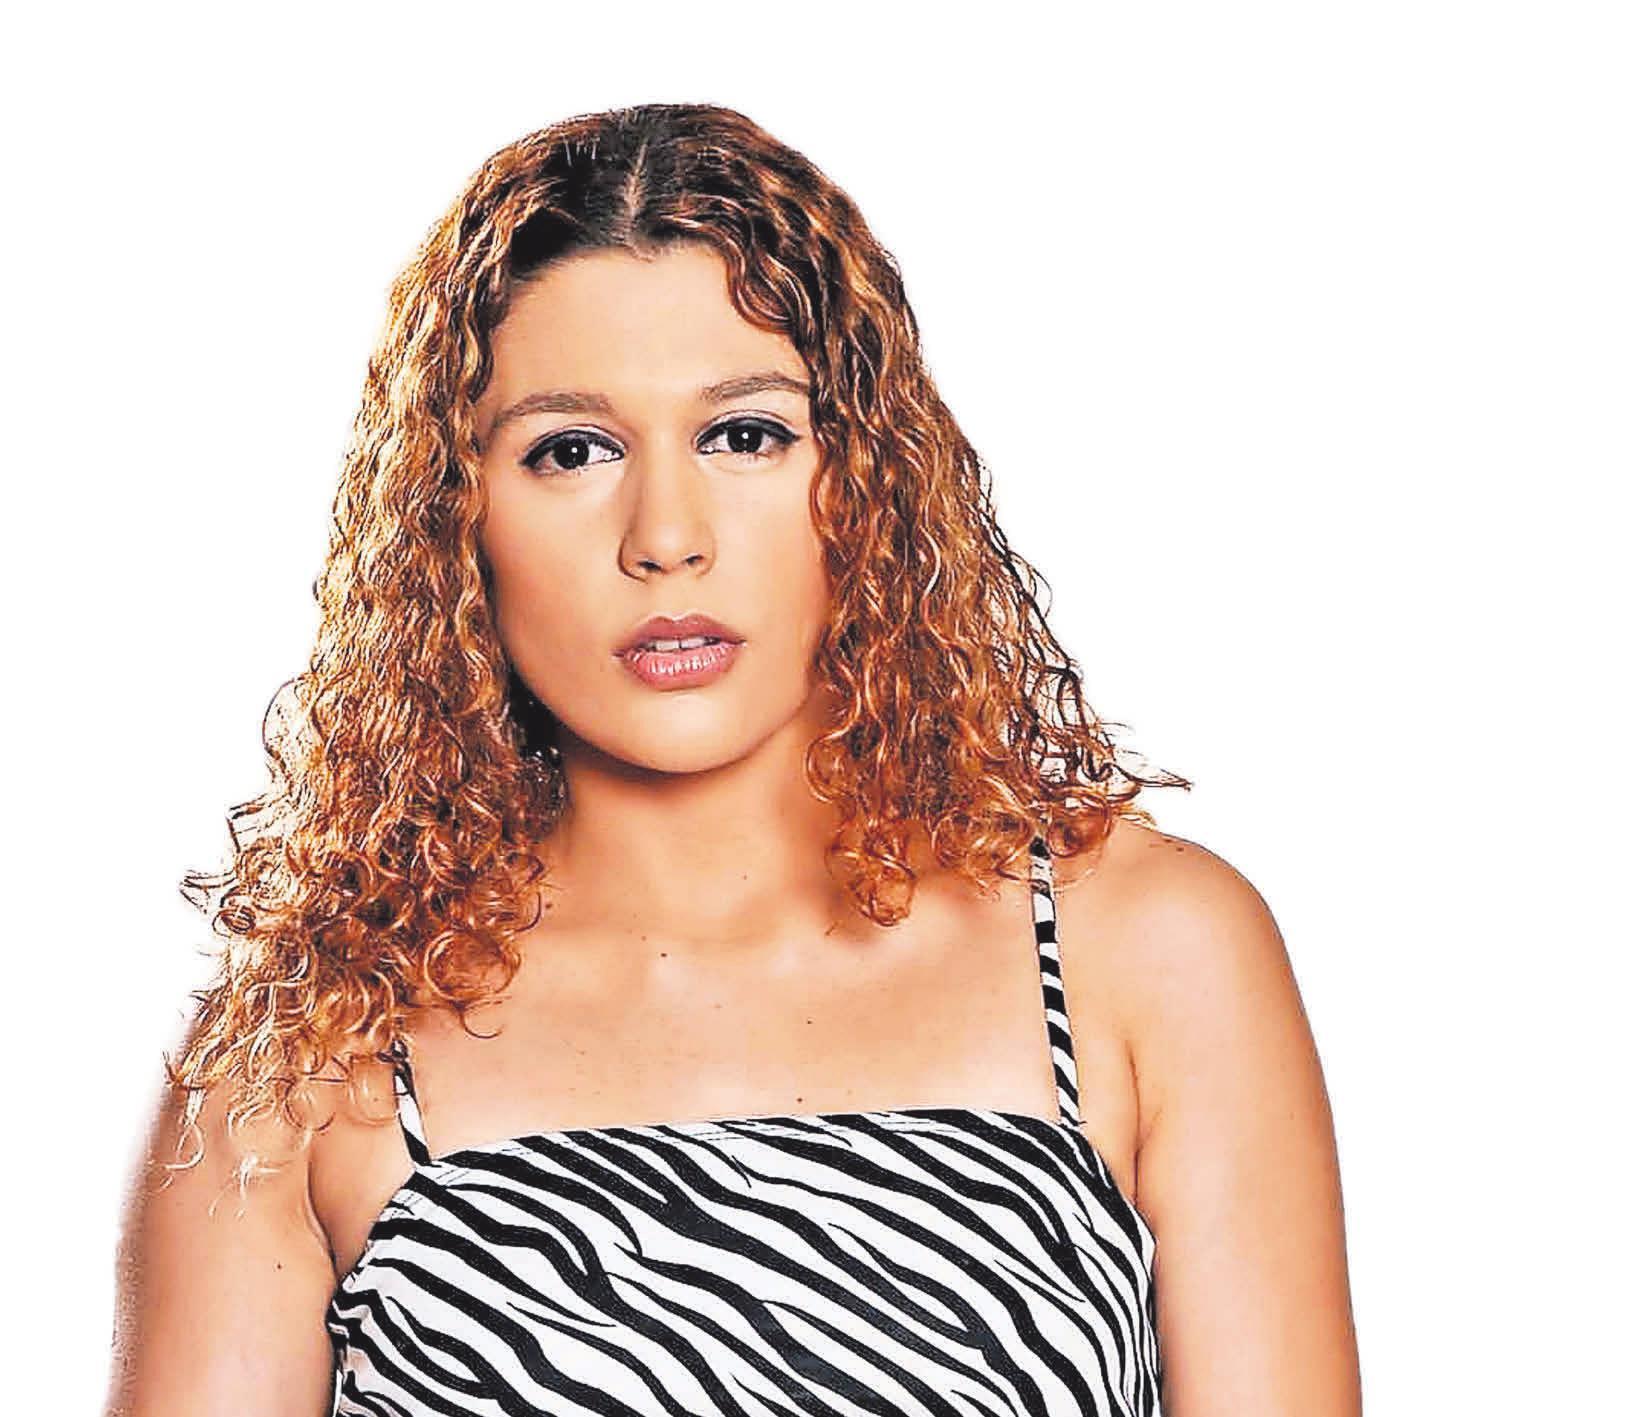 Die brasilianische Sängerin Kellen Kristty sorgt für Stimmung beim Rathausfest. FOTO: PROMO